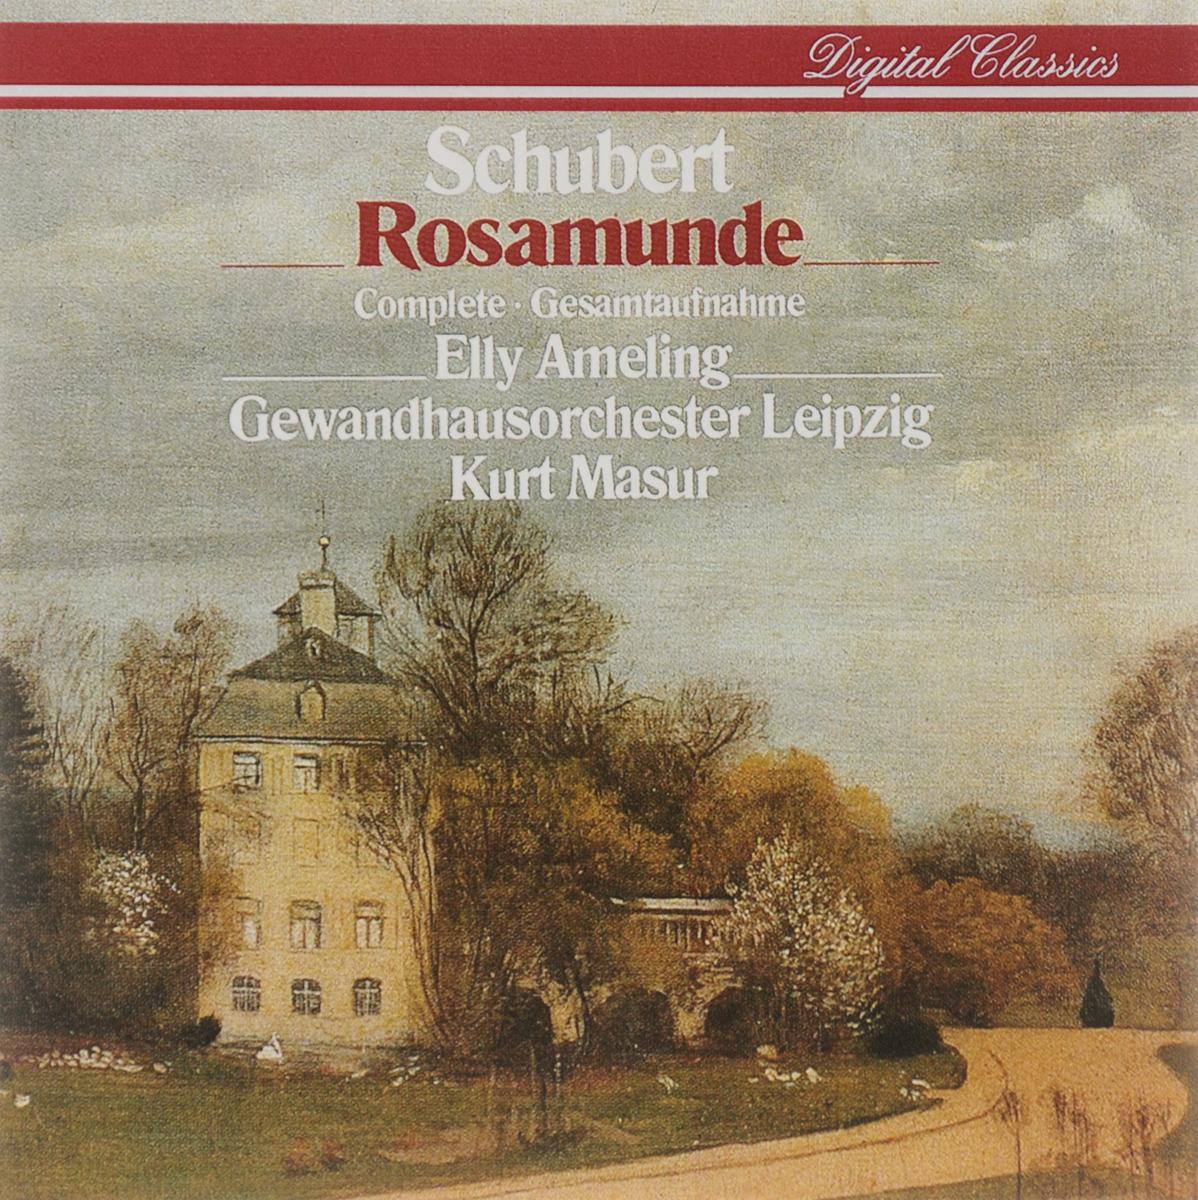 Курт Мазур,Elly Ameling,Gewandhausorchester Leipzig Kurt Masur. Schubert. Rosamunde per gessle leipzig